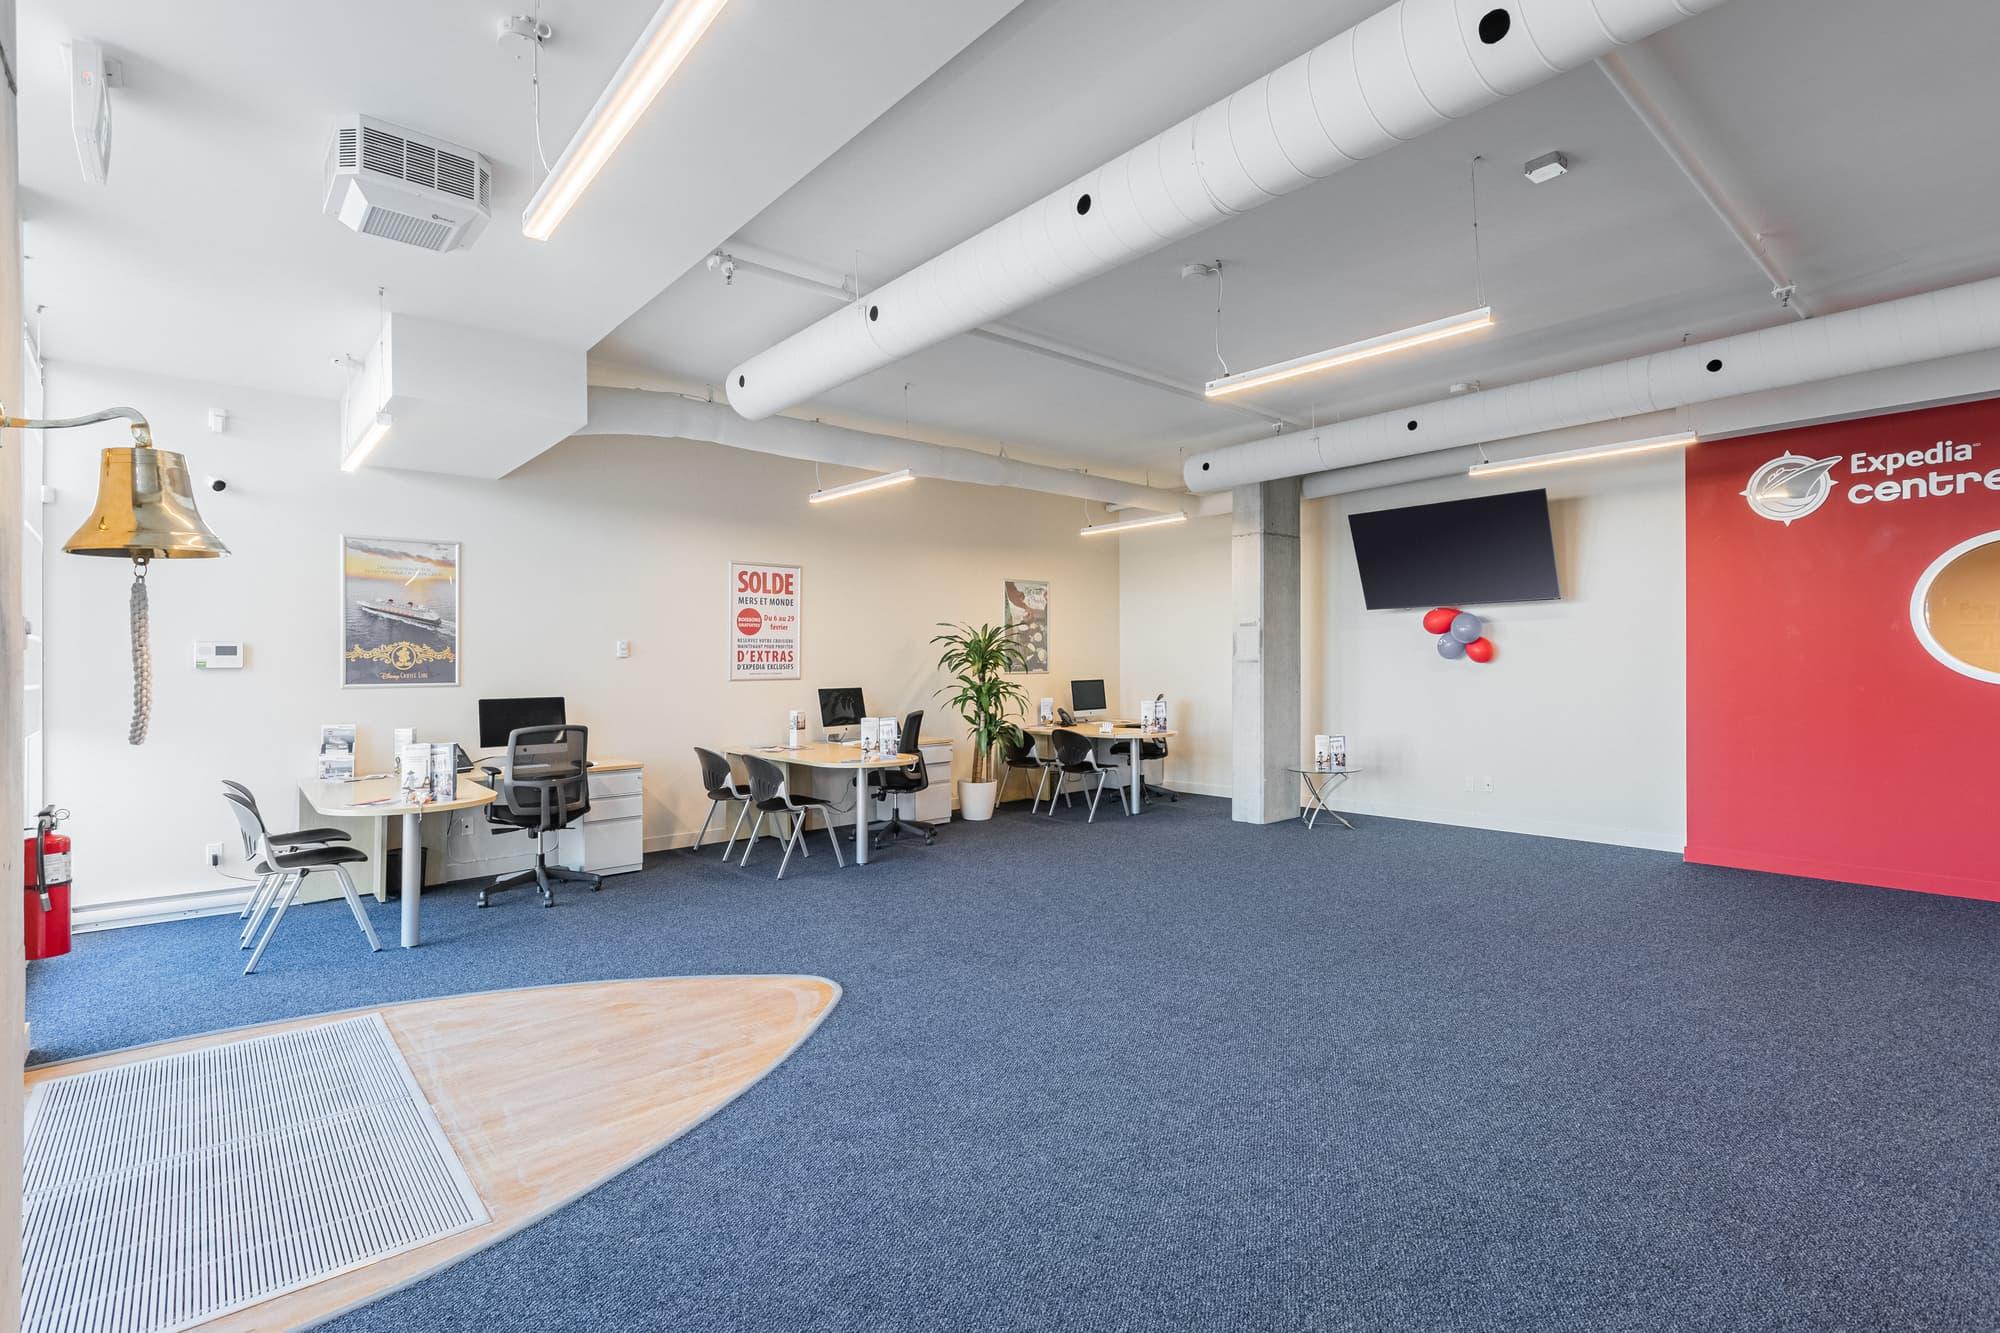 aménagement locaux d'un Expédia Centre de Croisières avec tapis bleu et mur rouge